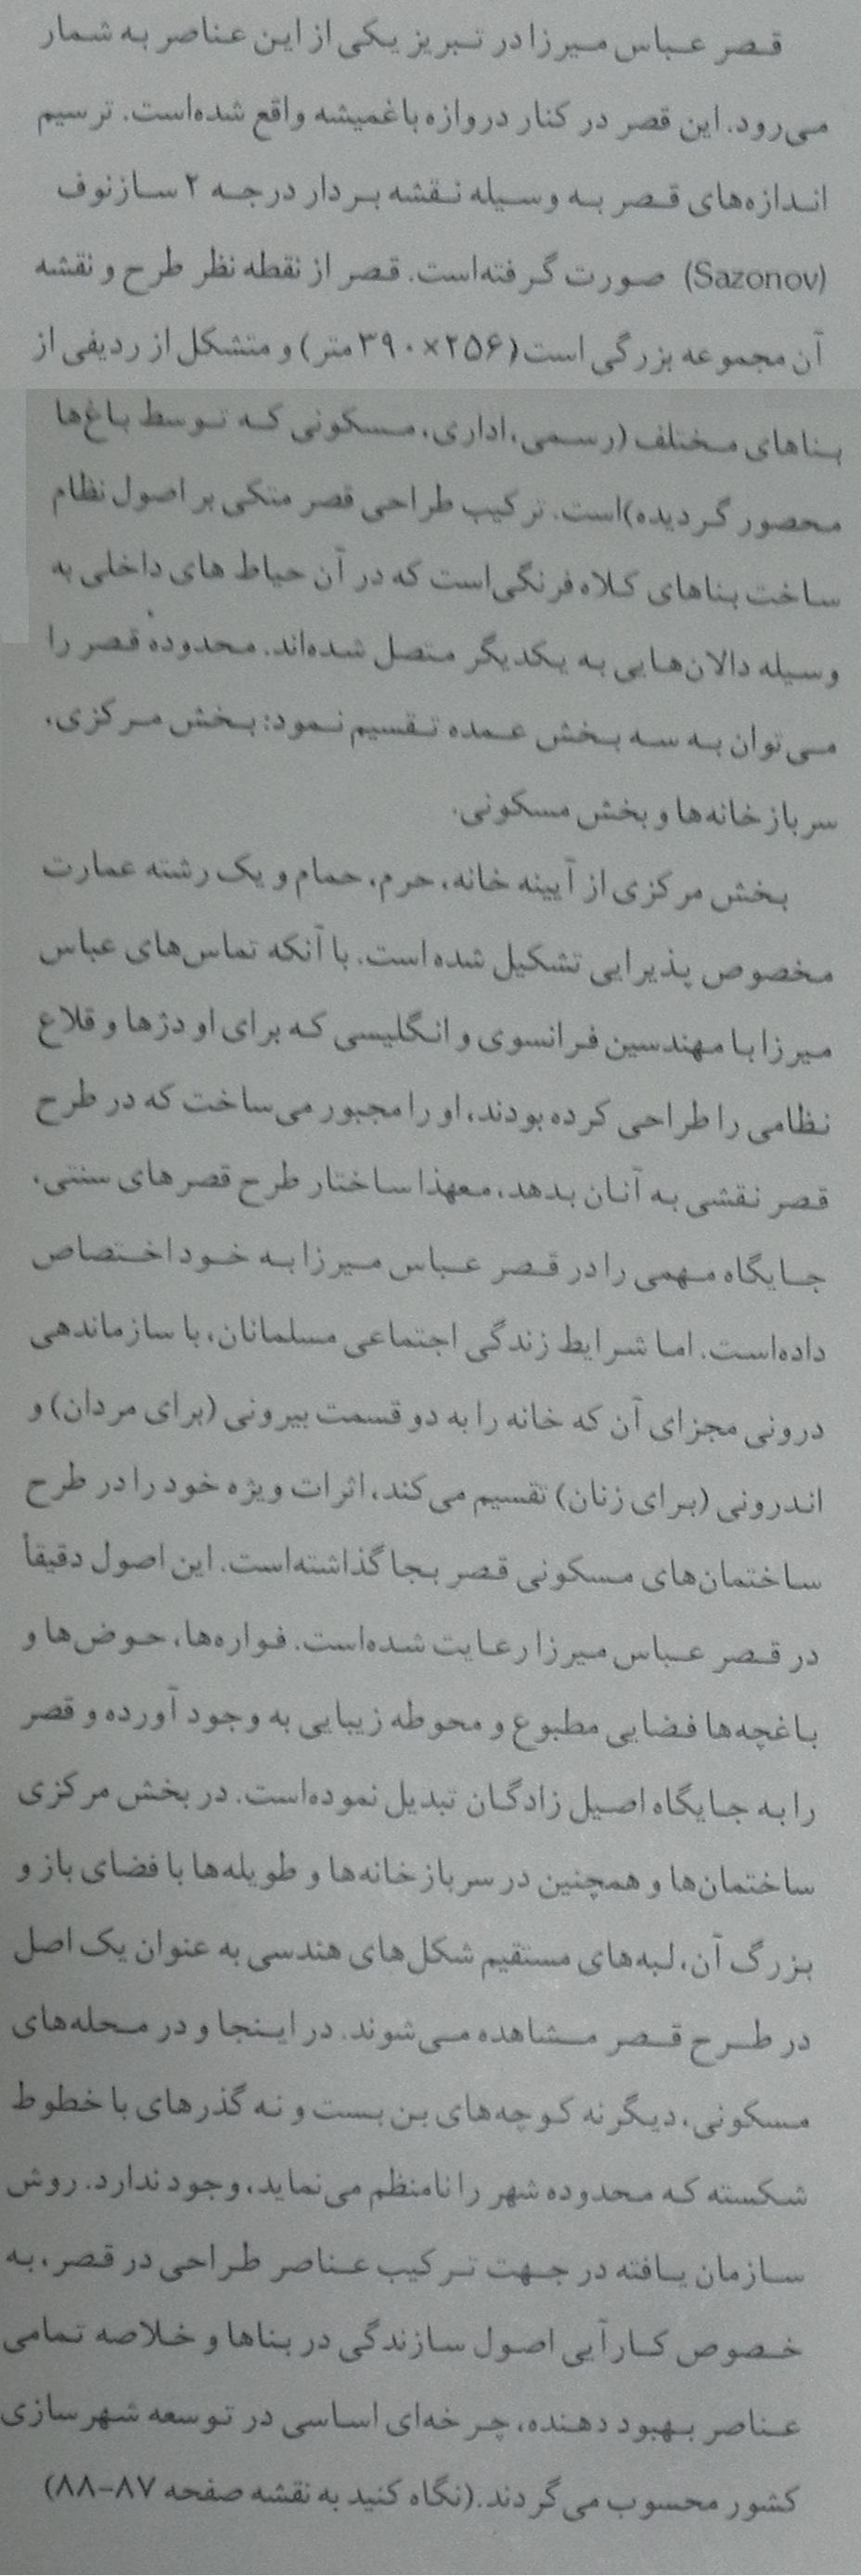 قصر عباس میرزا در تبریز